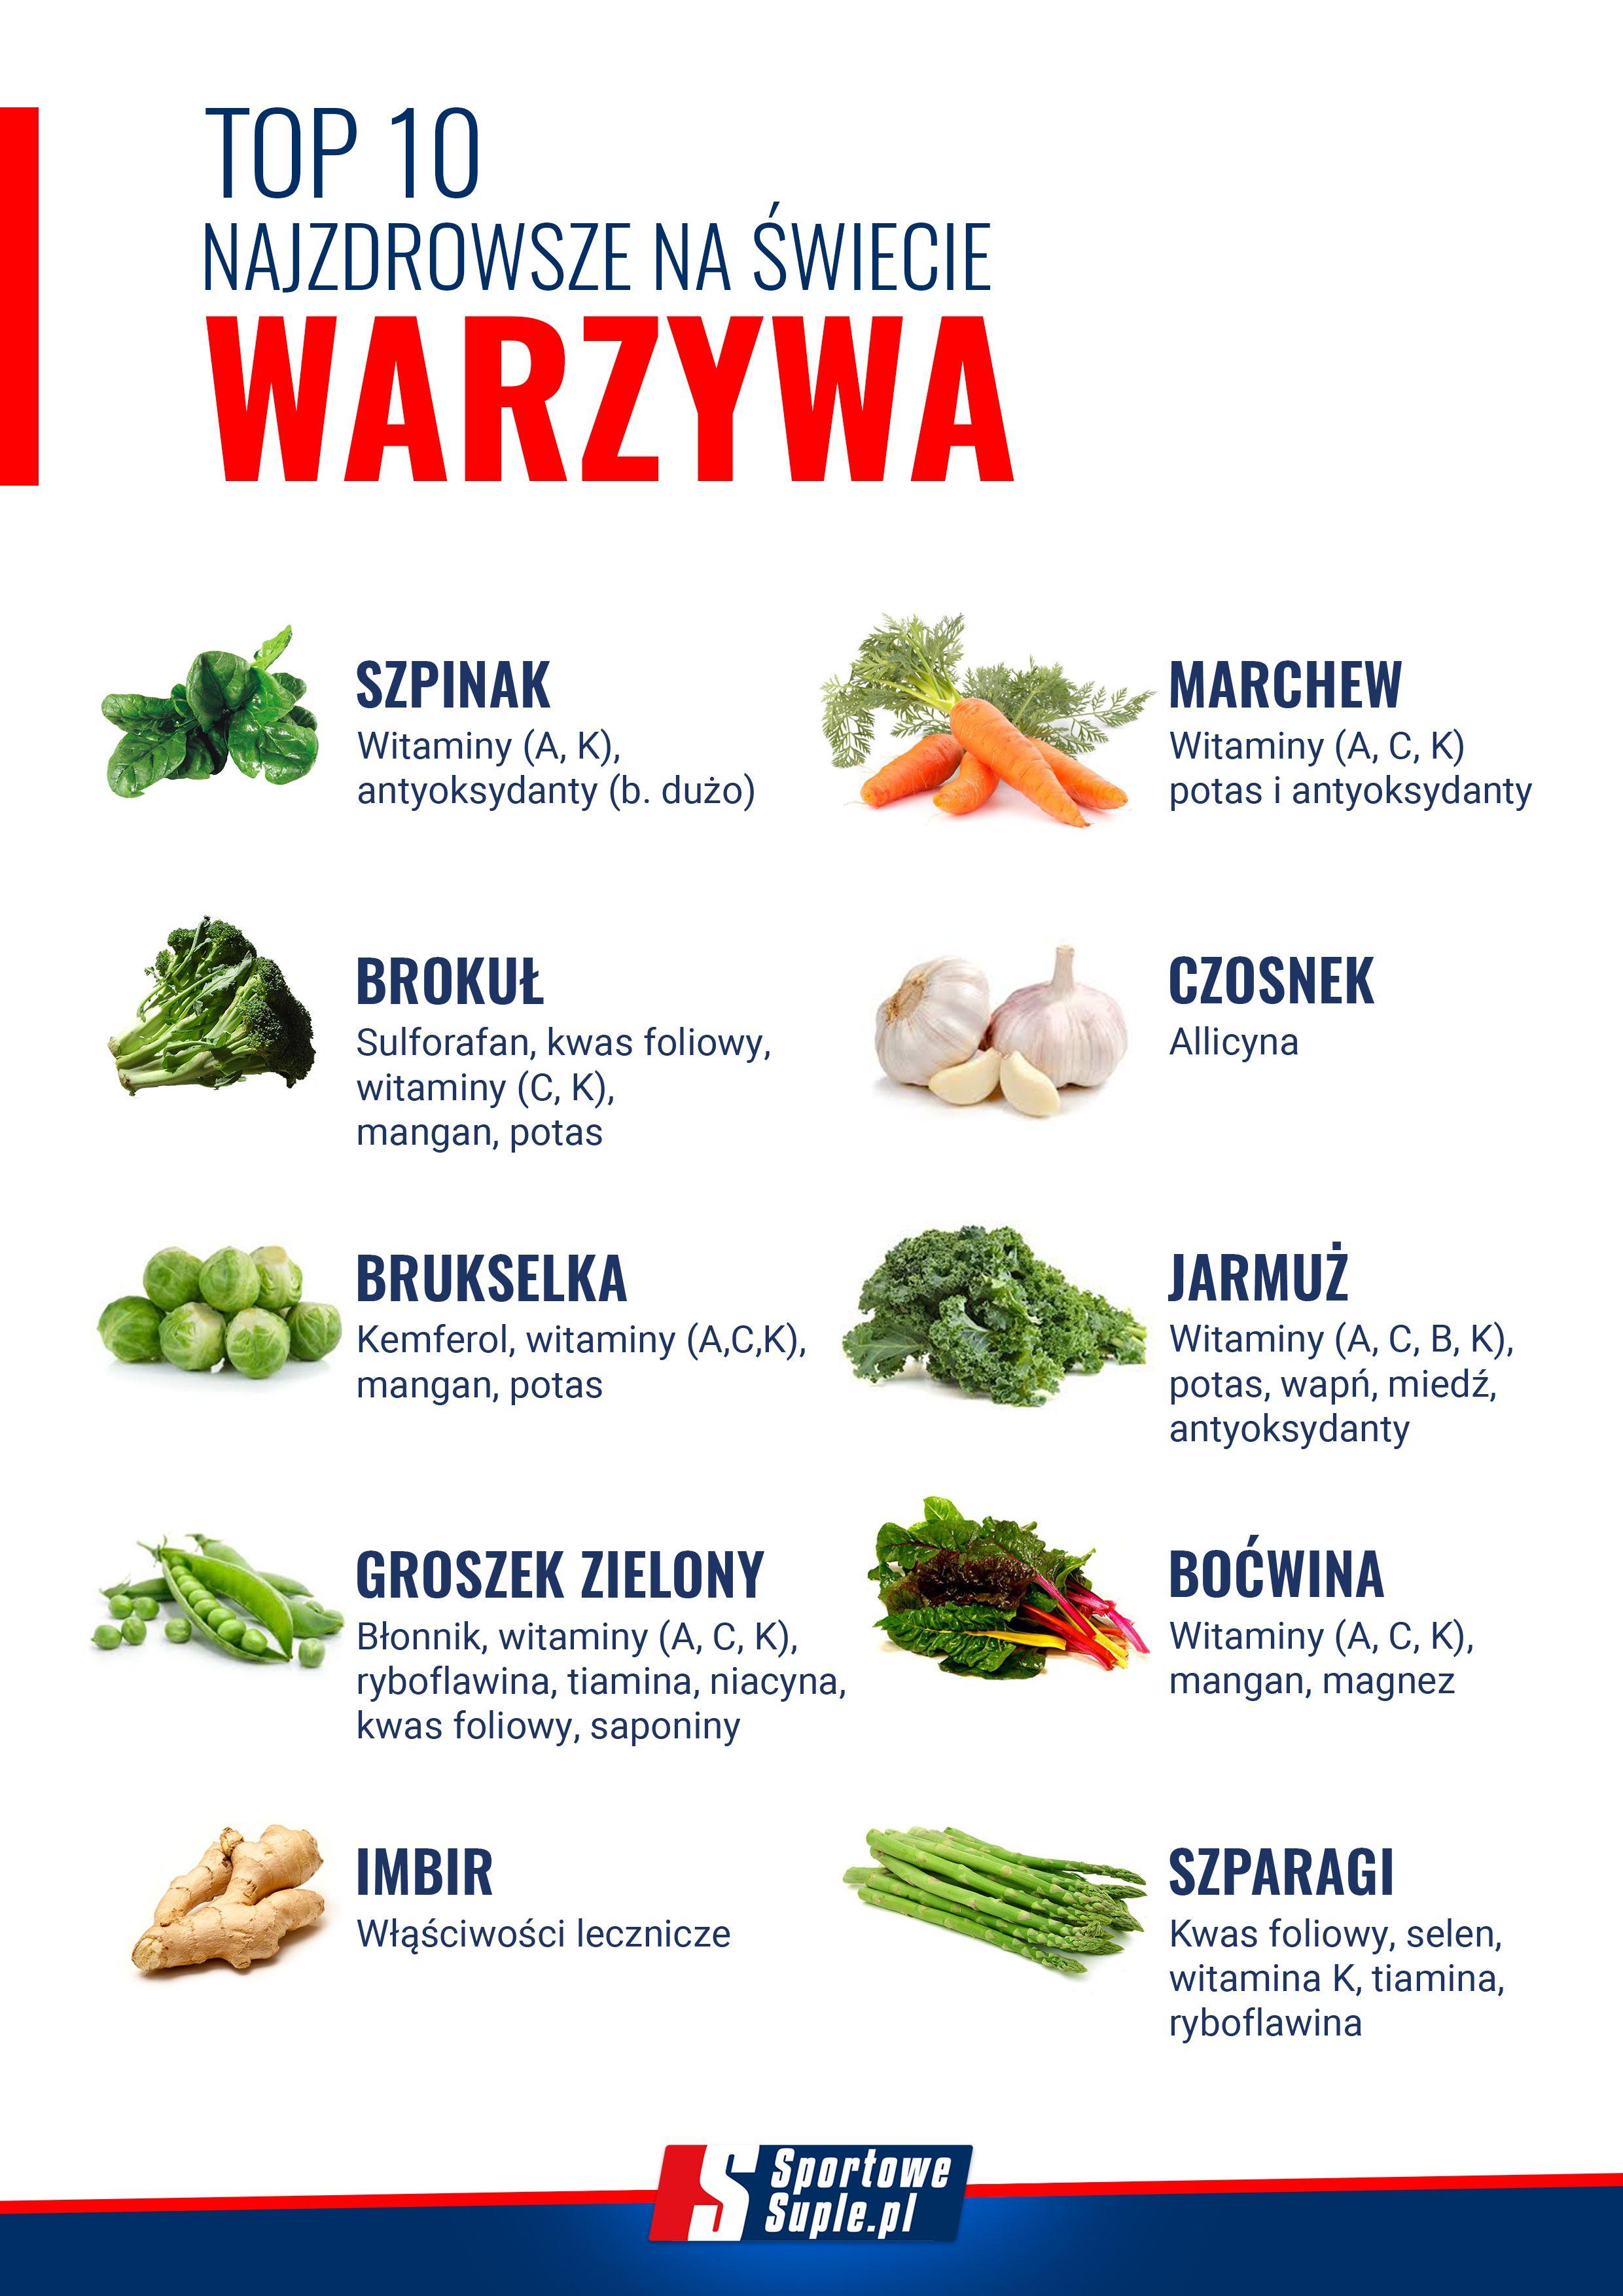 Top 10 Najzdrowsze Warzywa Na Swiecie Jakie Warzywa Wlaczyc Do Diety By Poprawic Swoje Zdrowie Zobacz To Zestawieni Workout Food Healthy Advice Healty Food